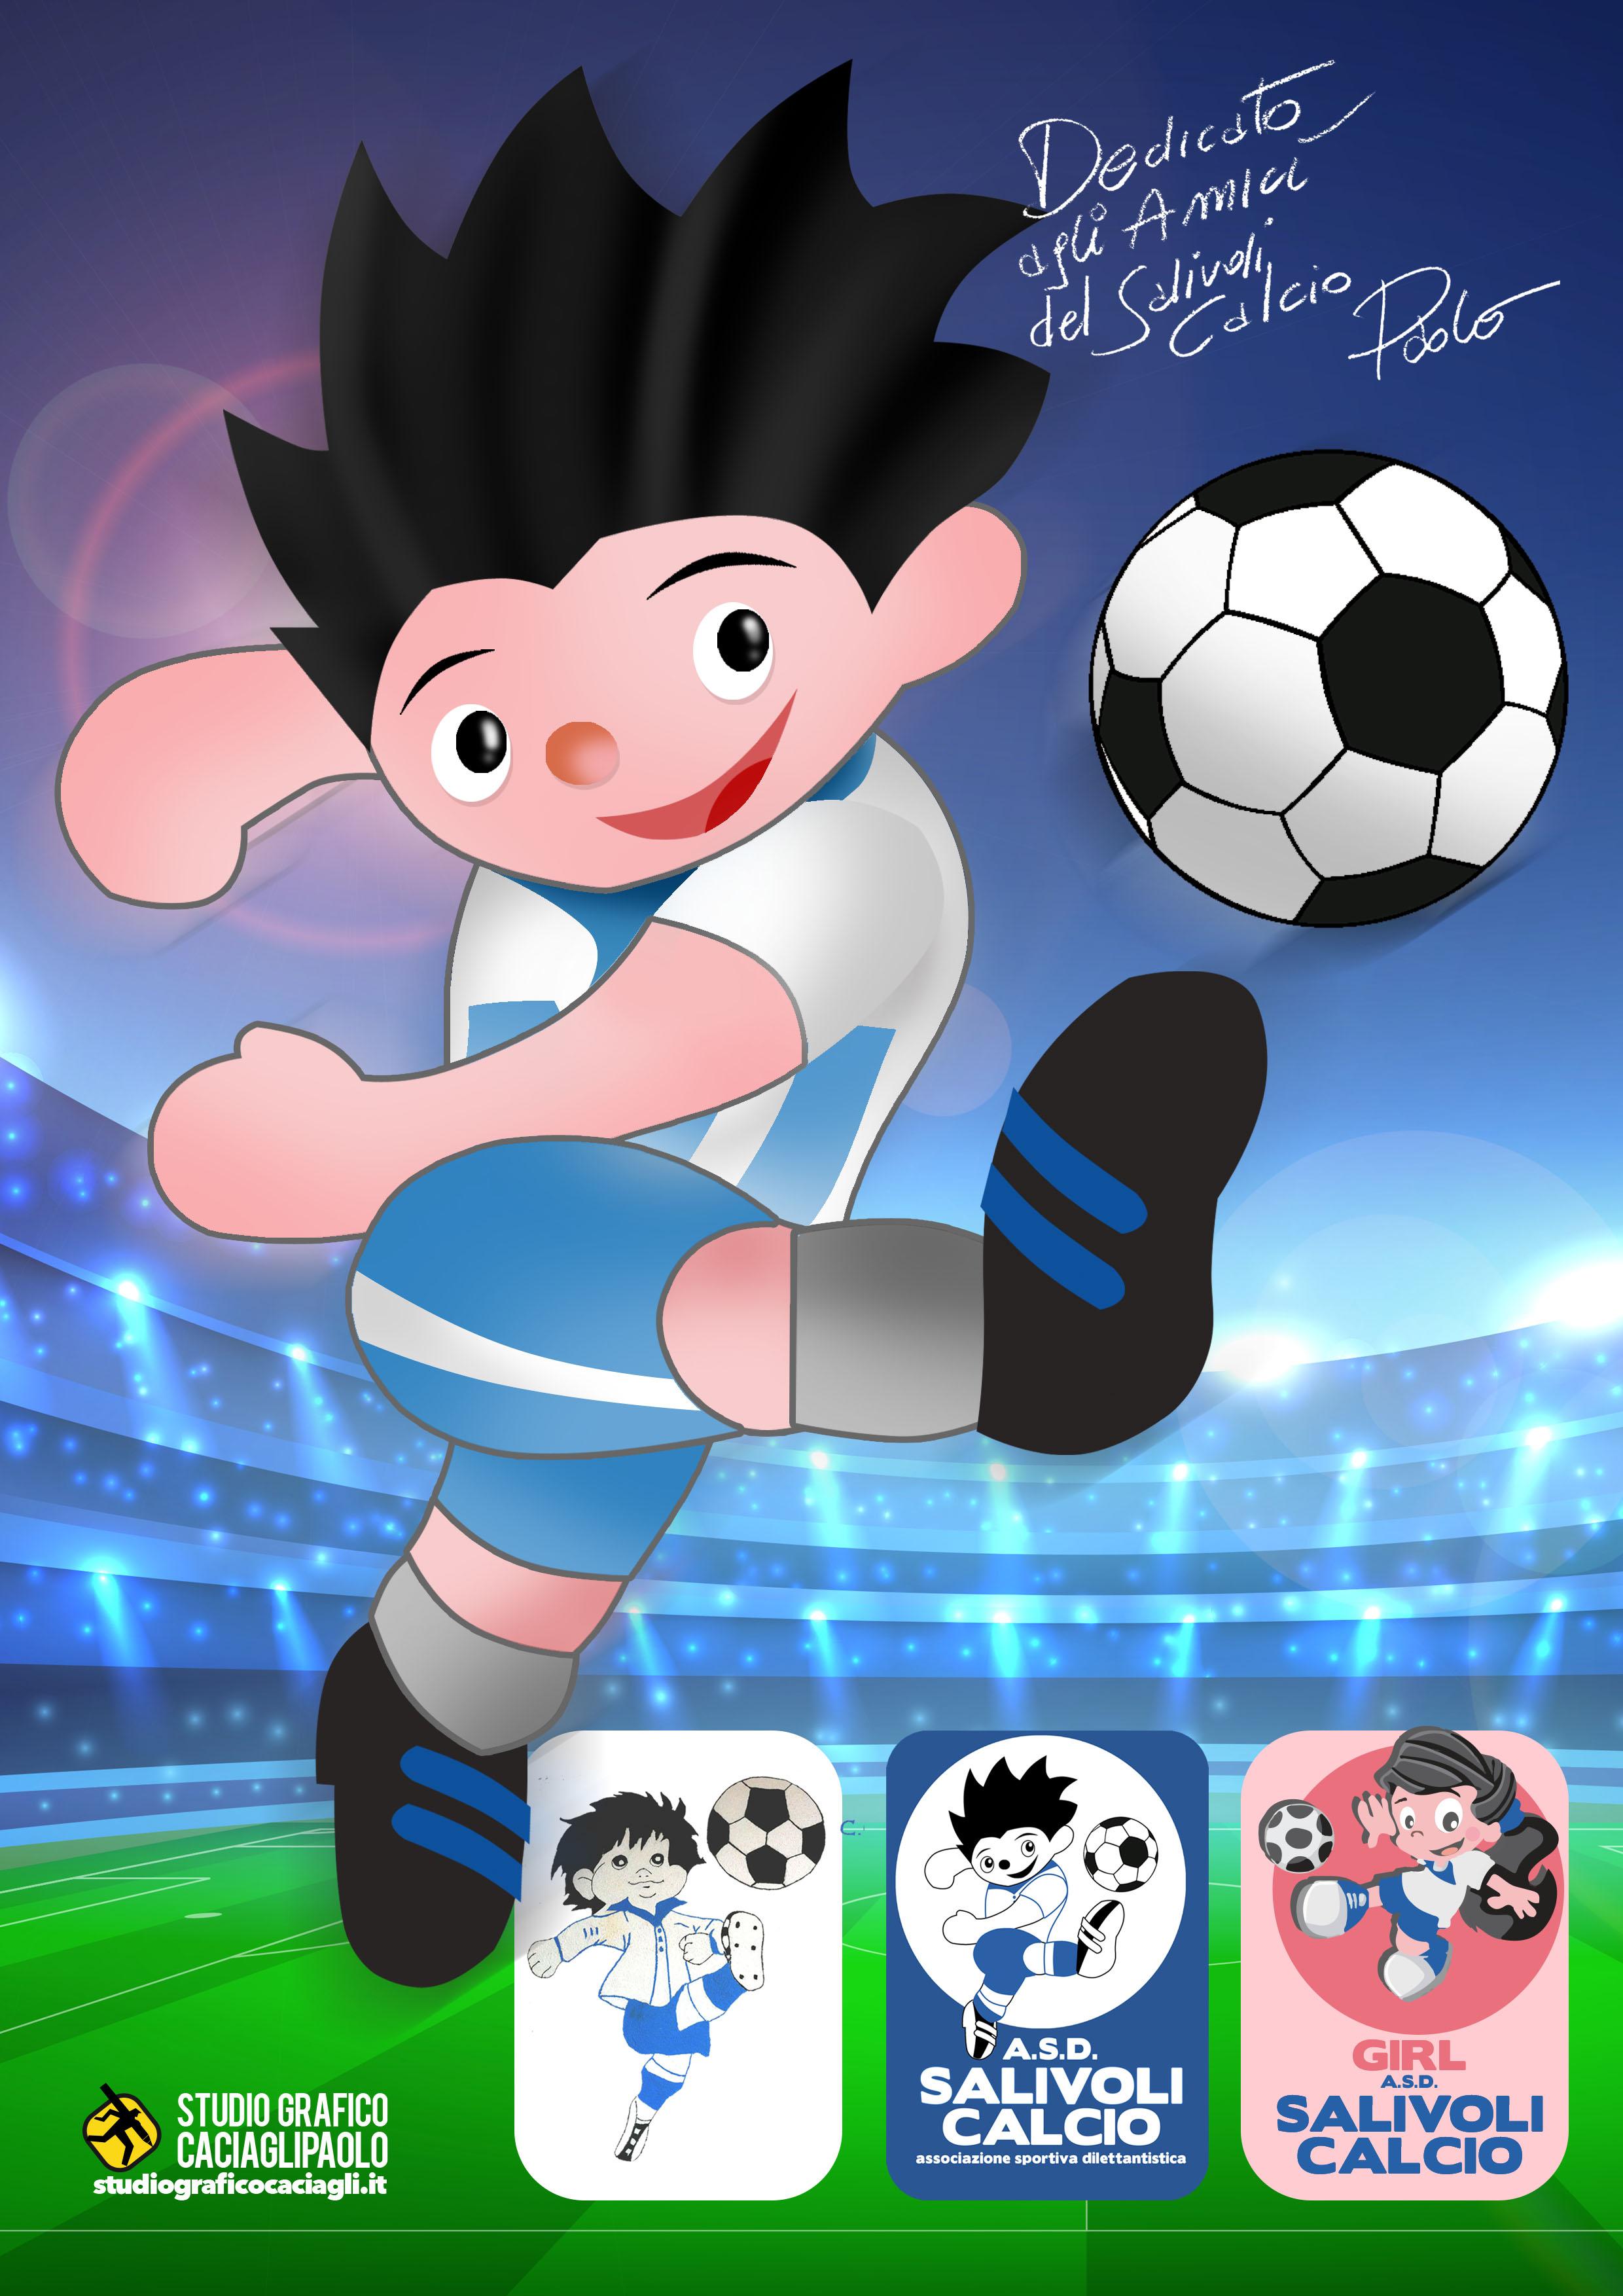 Salivoli Calcio Edizione Speciale